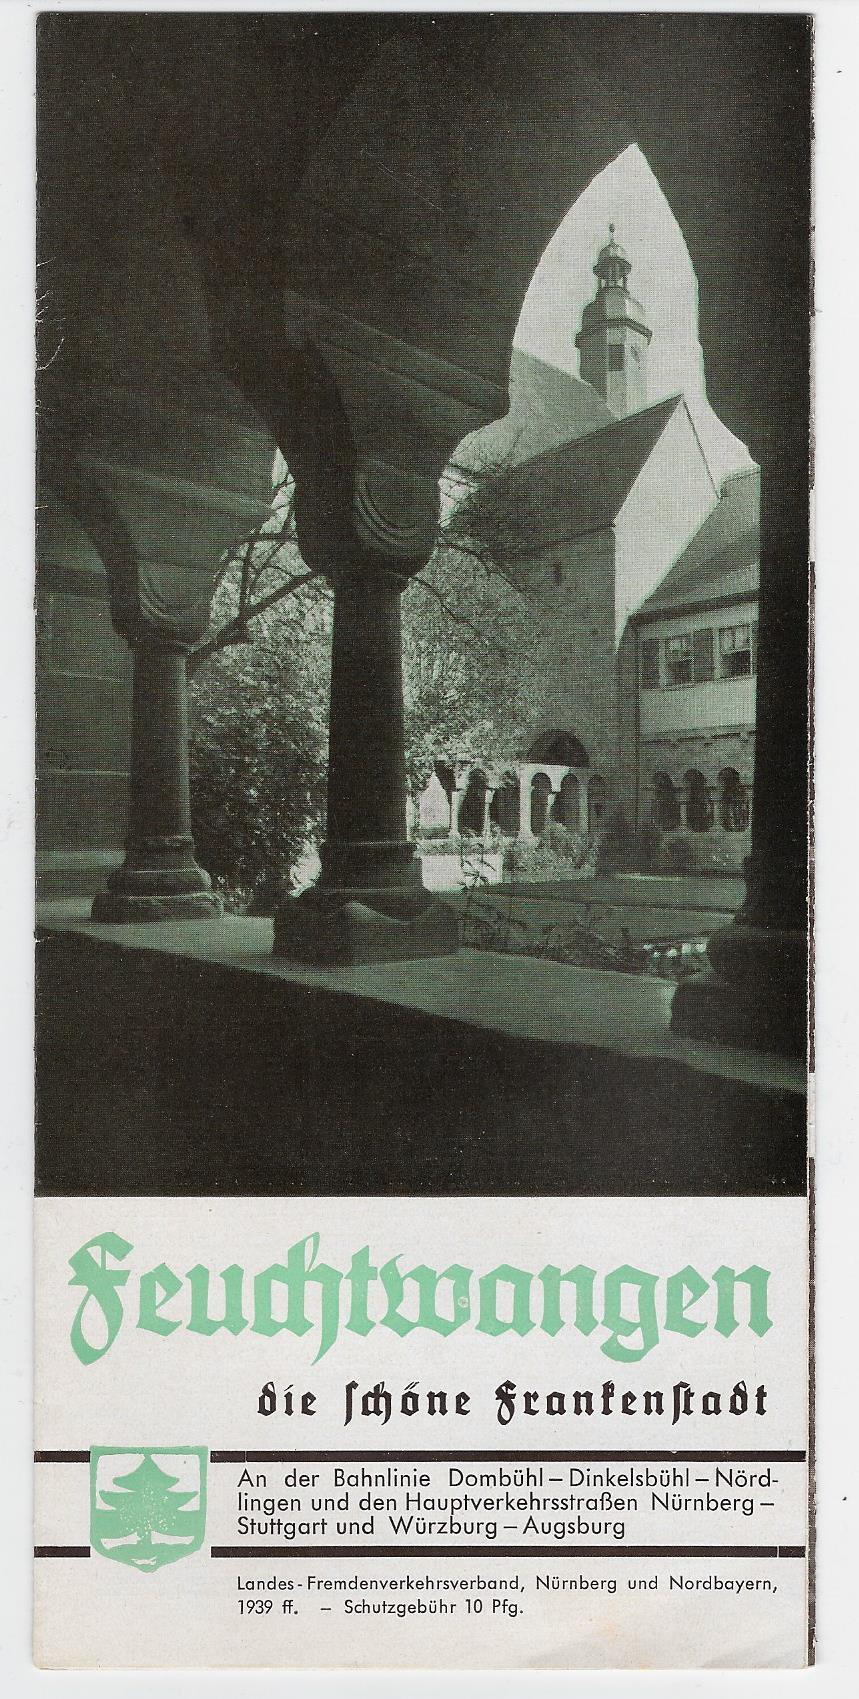 Feuchtwangen - die schöne Frankenstadt. Prospekt des Fremdenverkehrsverbandes Nürnberg und Nordbayern 1939 ff.